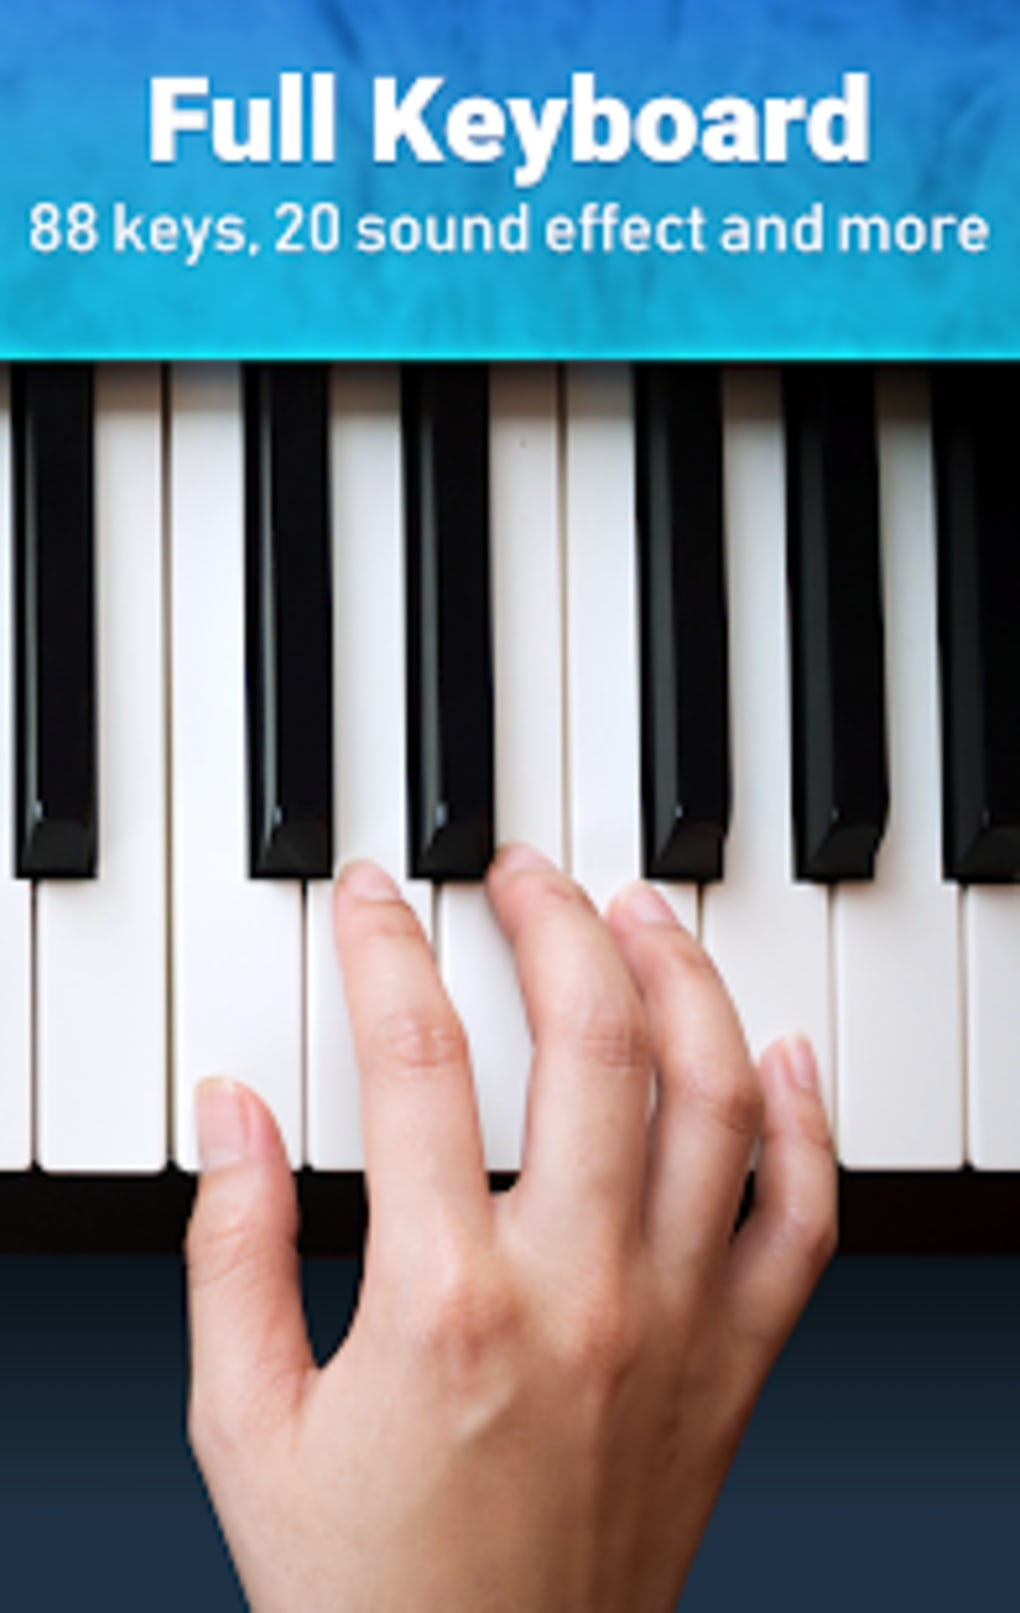 Real Piano - 3D Piano Keyboard Music Games para Android